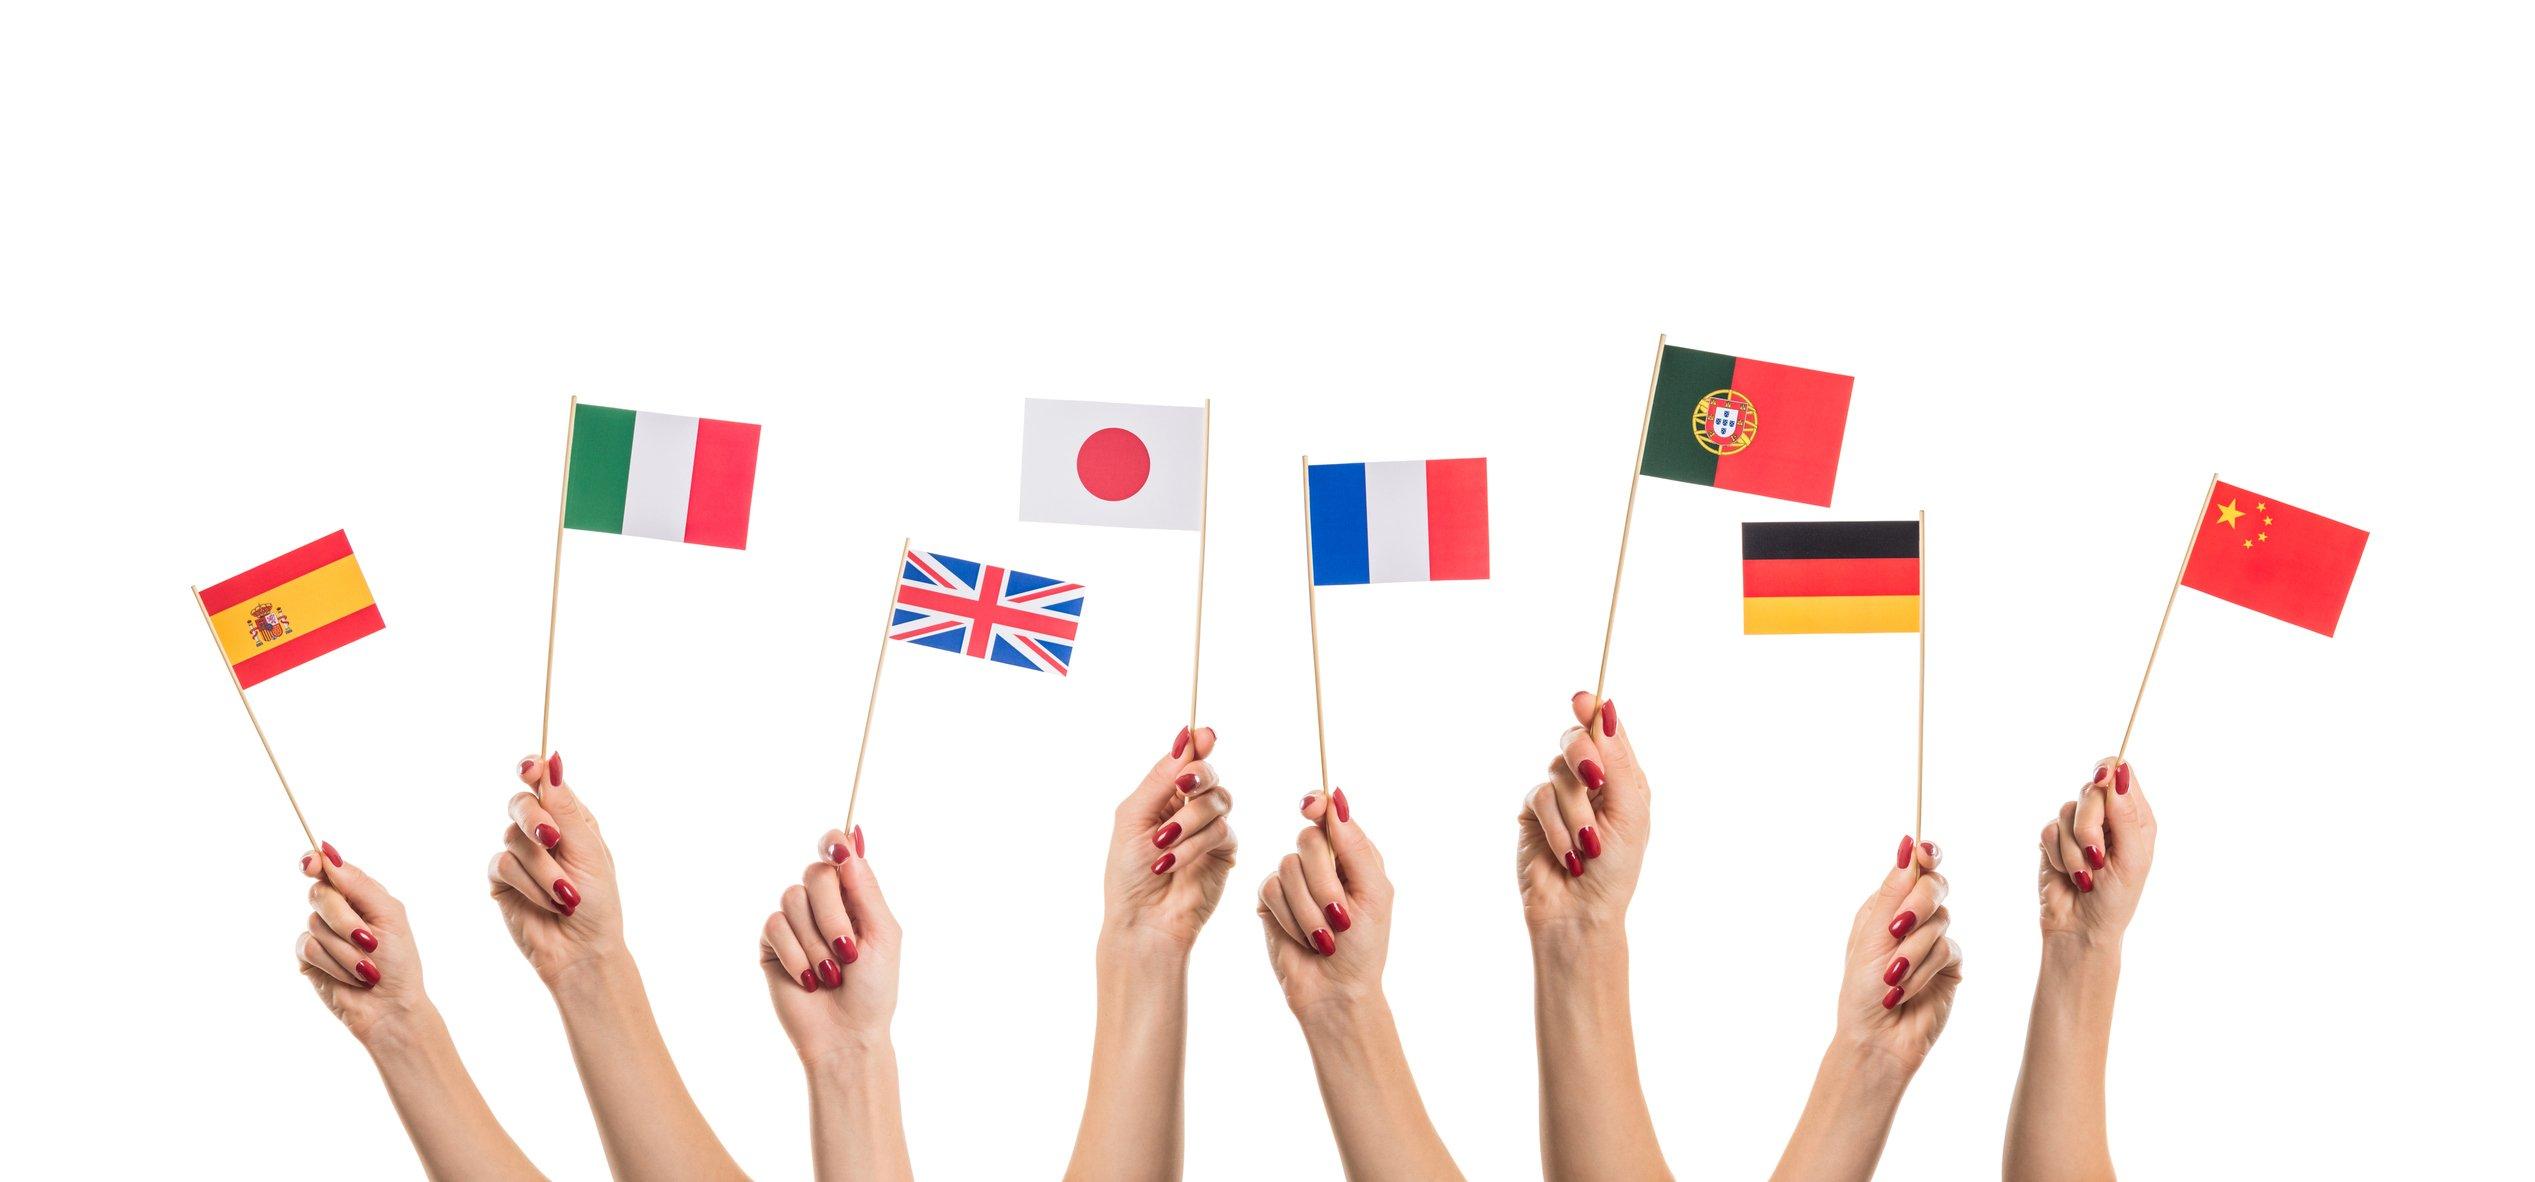 Manos de mujer sosteniendo banderas de distintos países